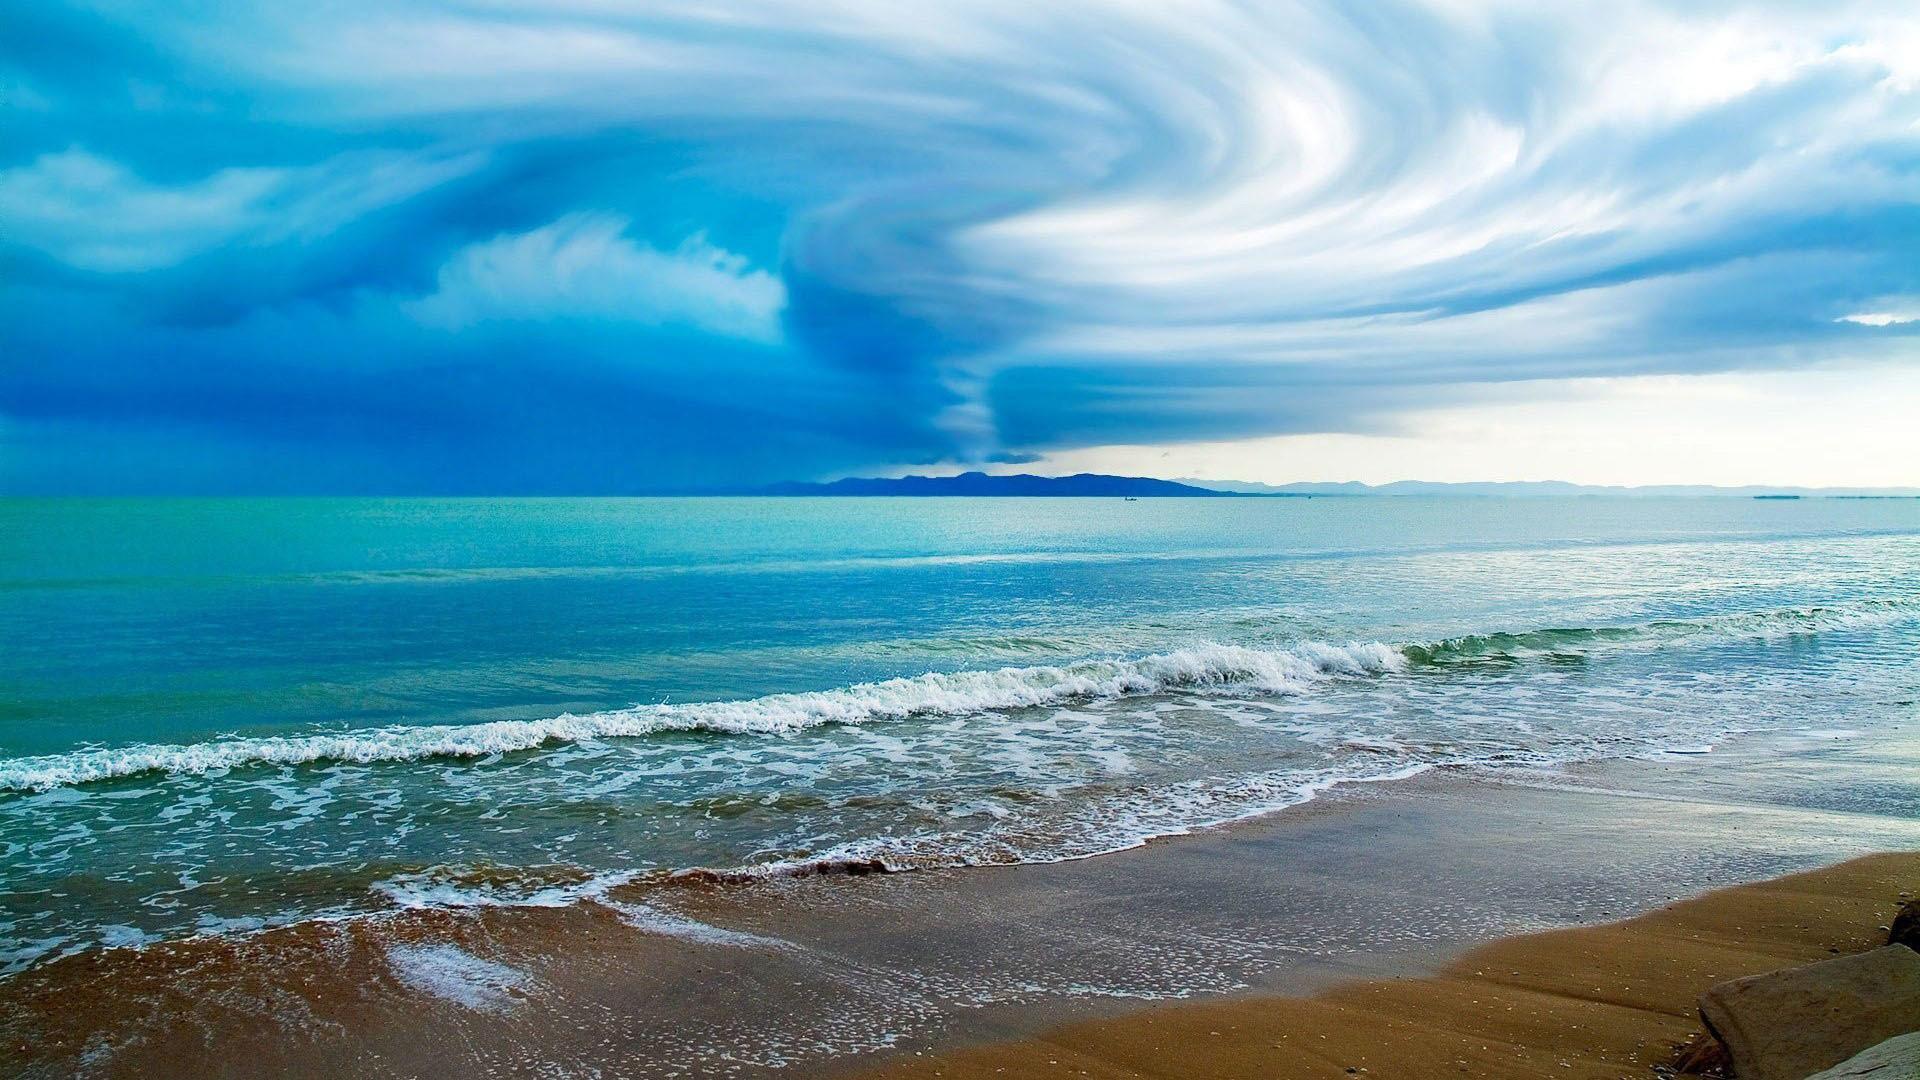 Beach HD Wallpaper. Beach HD Wallpaper 1920×1080